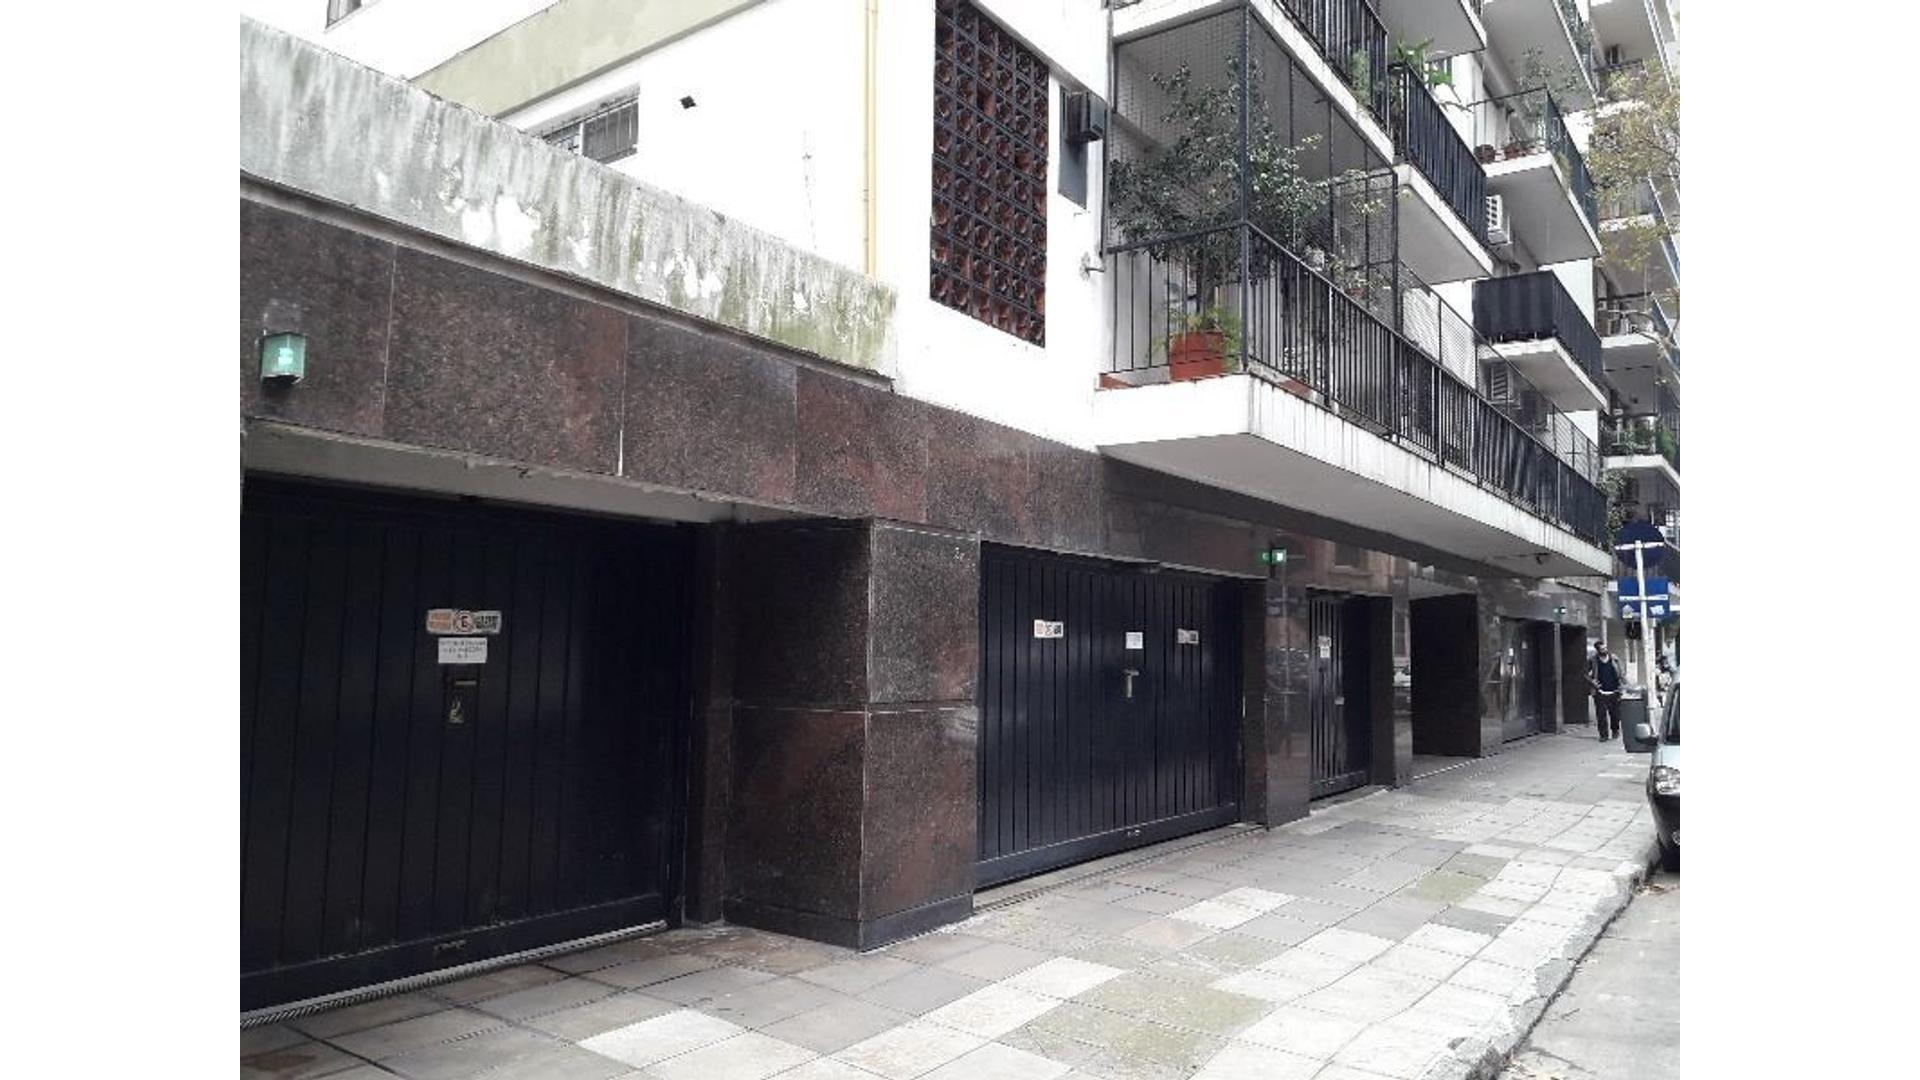 Excelente Departamento de 4 Ambientes en Exclusiva zona de Belgrano.